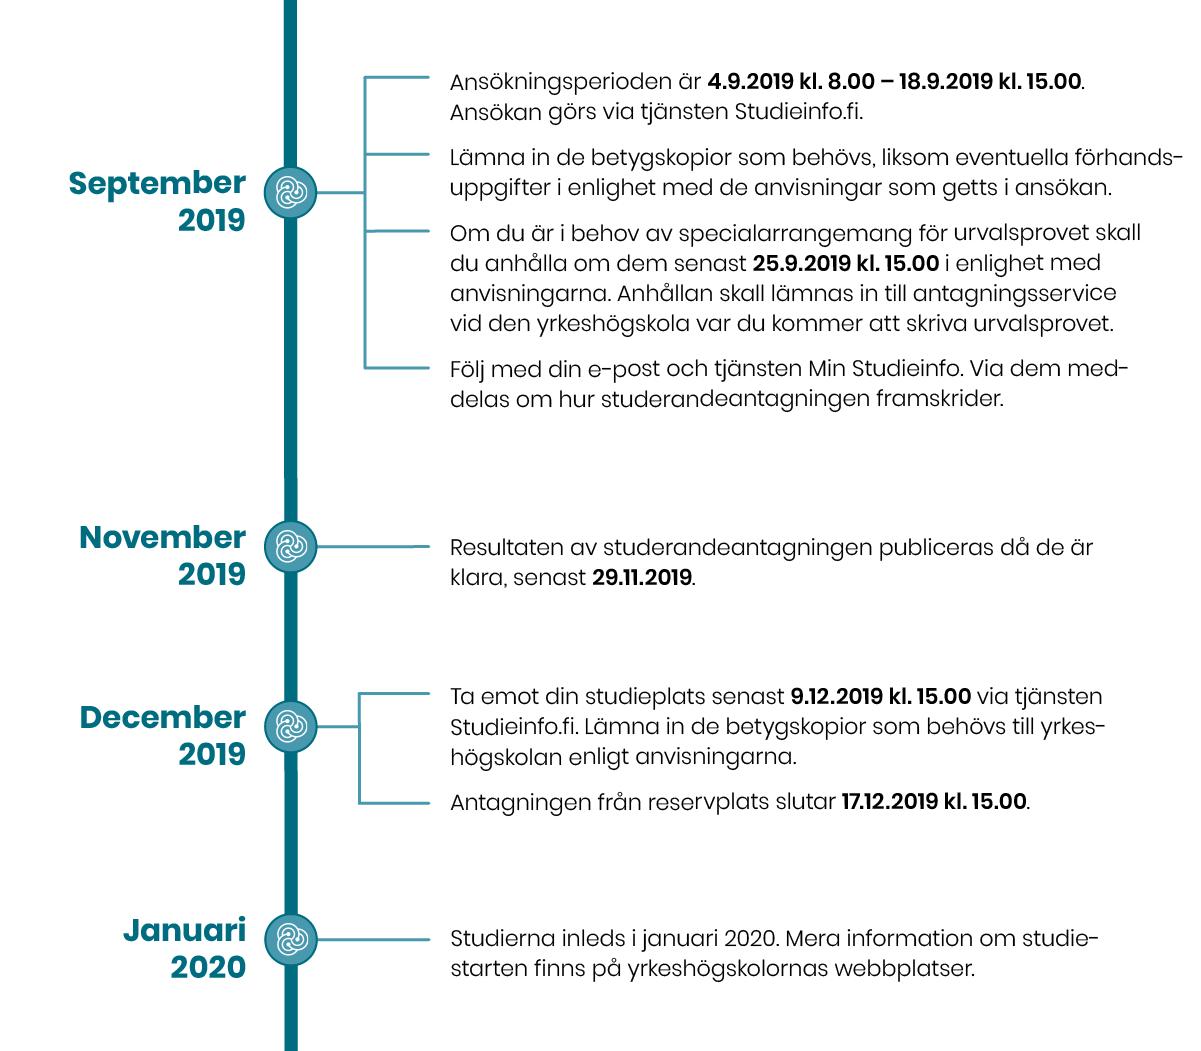 Gemensam ansökan hösten 2019 September 2019 1.Ansökningsperioden är 4.9.2019 kl. 8.00 – 18.9.2019 kl. 15.00. Ansökan görs via tjänsten Studieinfo.fi. 2.Lämna in de betygskopior som behövs, liksom eventuella förhandsuppgifter i enlighet med de anvisningar som getts i ansökan.  3.Om du är i behov av specialarrangemang för urvalsprovet skall du anhålla om dem senast 25.9.2019 kl. 15.00 i enlighet med anvisningarna. Anhållan skall lämnas in till antagningsservice vid den yrkeshögskola var du kommer att skriva urvalsprovet. 4.Följ med din e-post och tjänsten Min Studieinfo. Via dem meddelas om hur studerandeantagningen framskrider.  November 2019 5. Resultaten av studerandeantagningen publiceras då de är klara, senast 29.11.2019. December 2019 6.Ta emot din studieplats senast 9.12.2019 kl. 15.00 via tjänsten Studieinfo.fi. Lämna in de betygskopior som behövs till yrkeshögskolan enligt anvisningarna. 7.Antagningen från reservplats slutar 17.12.2019 kl. 15.00. 8.Studierna inleds i januari 2020. Mera information om studiestarten finns på yrkeshögskolornas webbplatser.